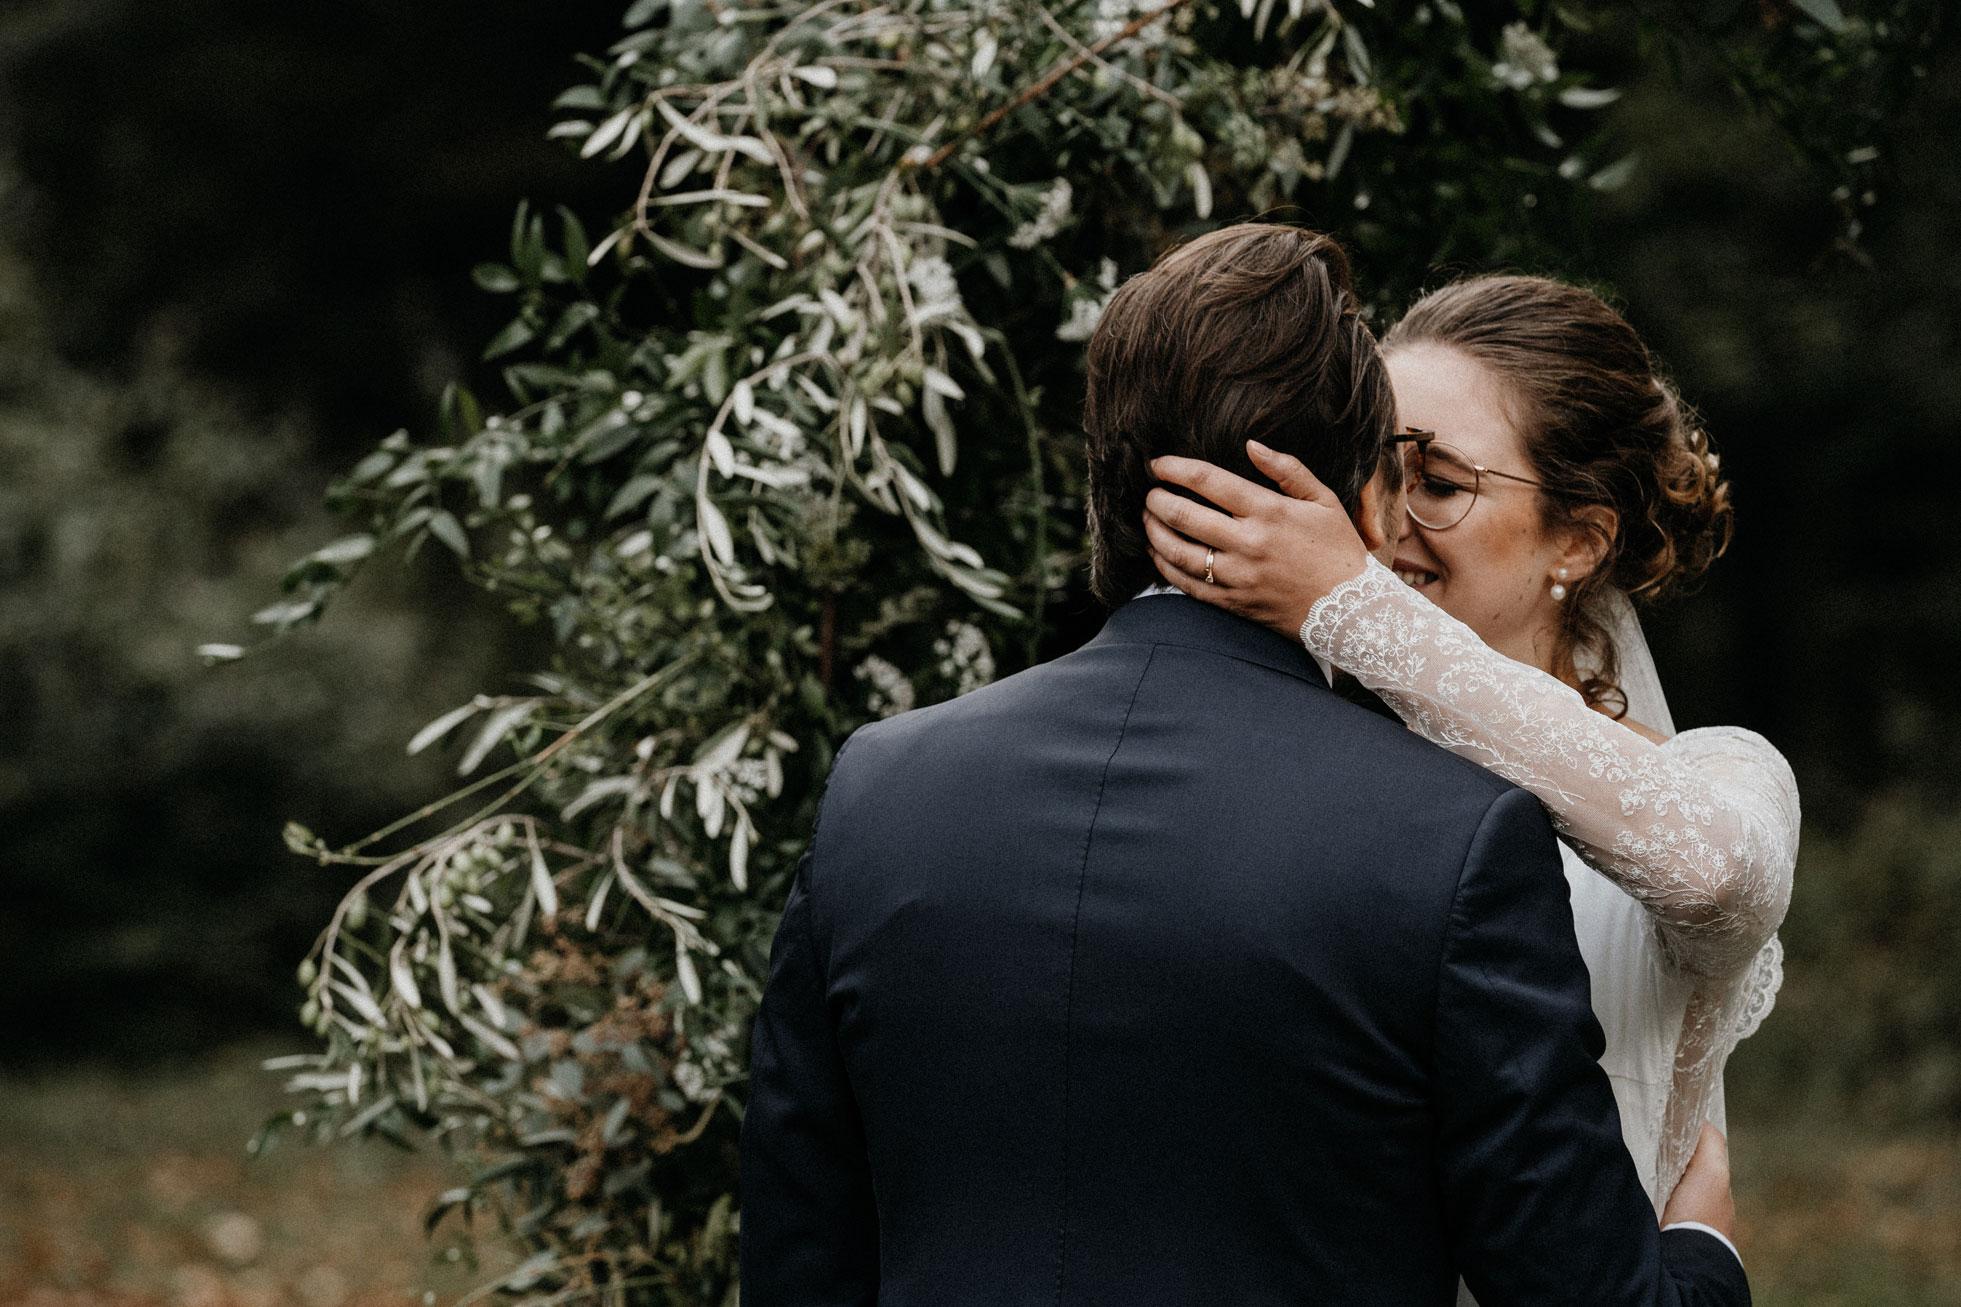 Hochzeit_Claire_Manuel_Villa_Maund_Daniel_Jenny-176.jpg